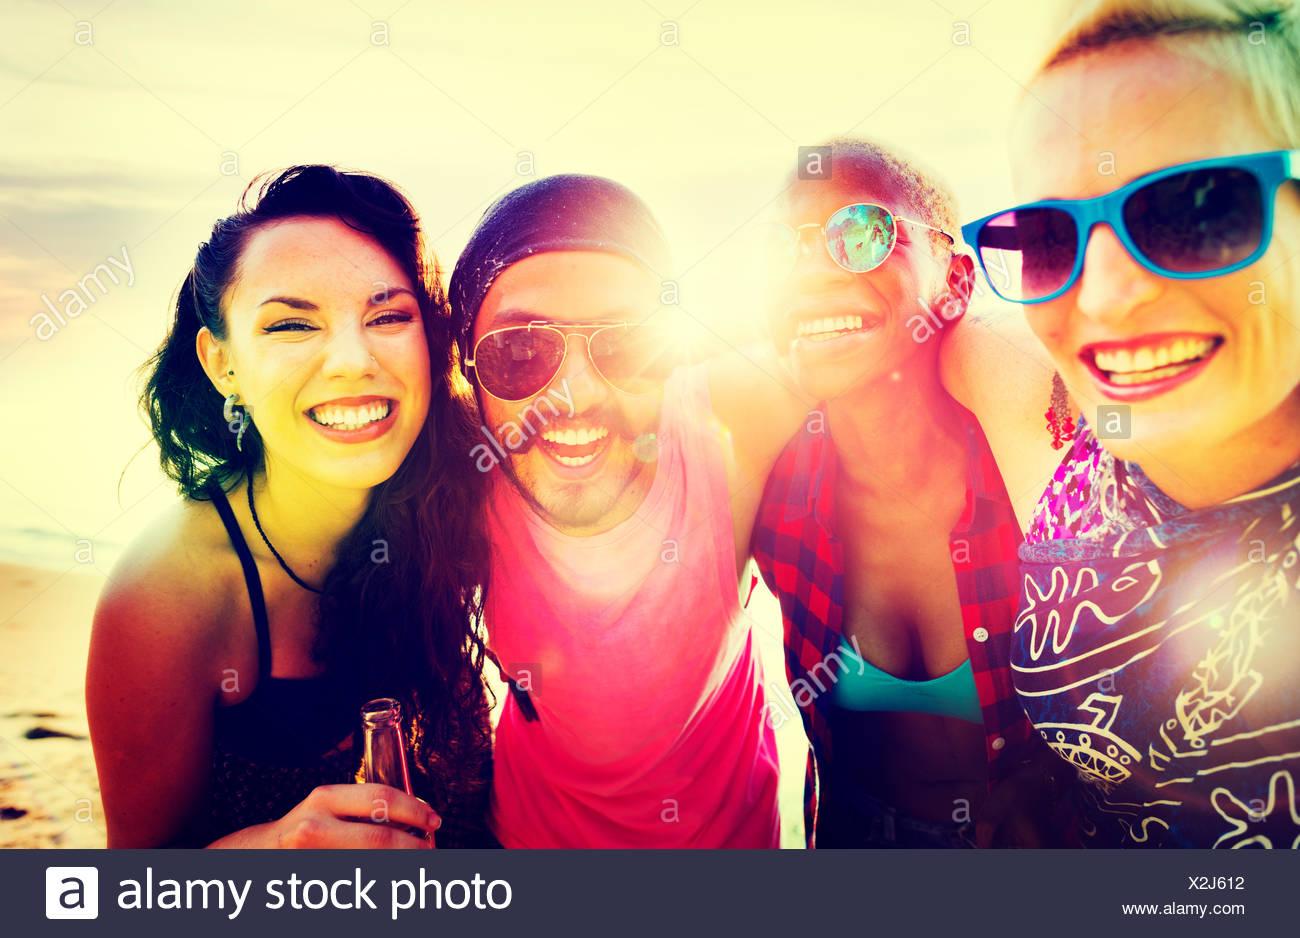 Amigos amistad compañerismo divertido concepto de vacaciones Imagen De Stock